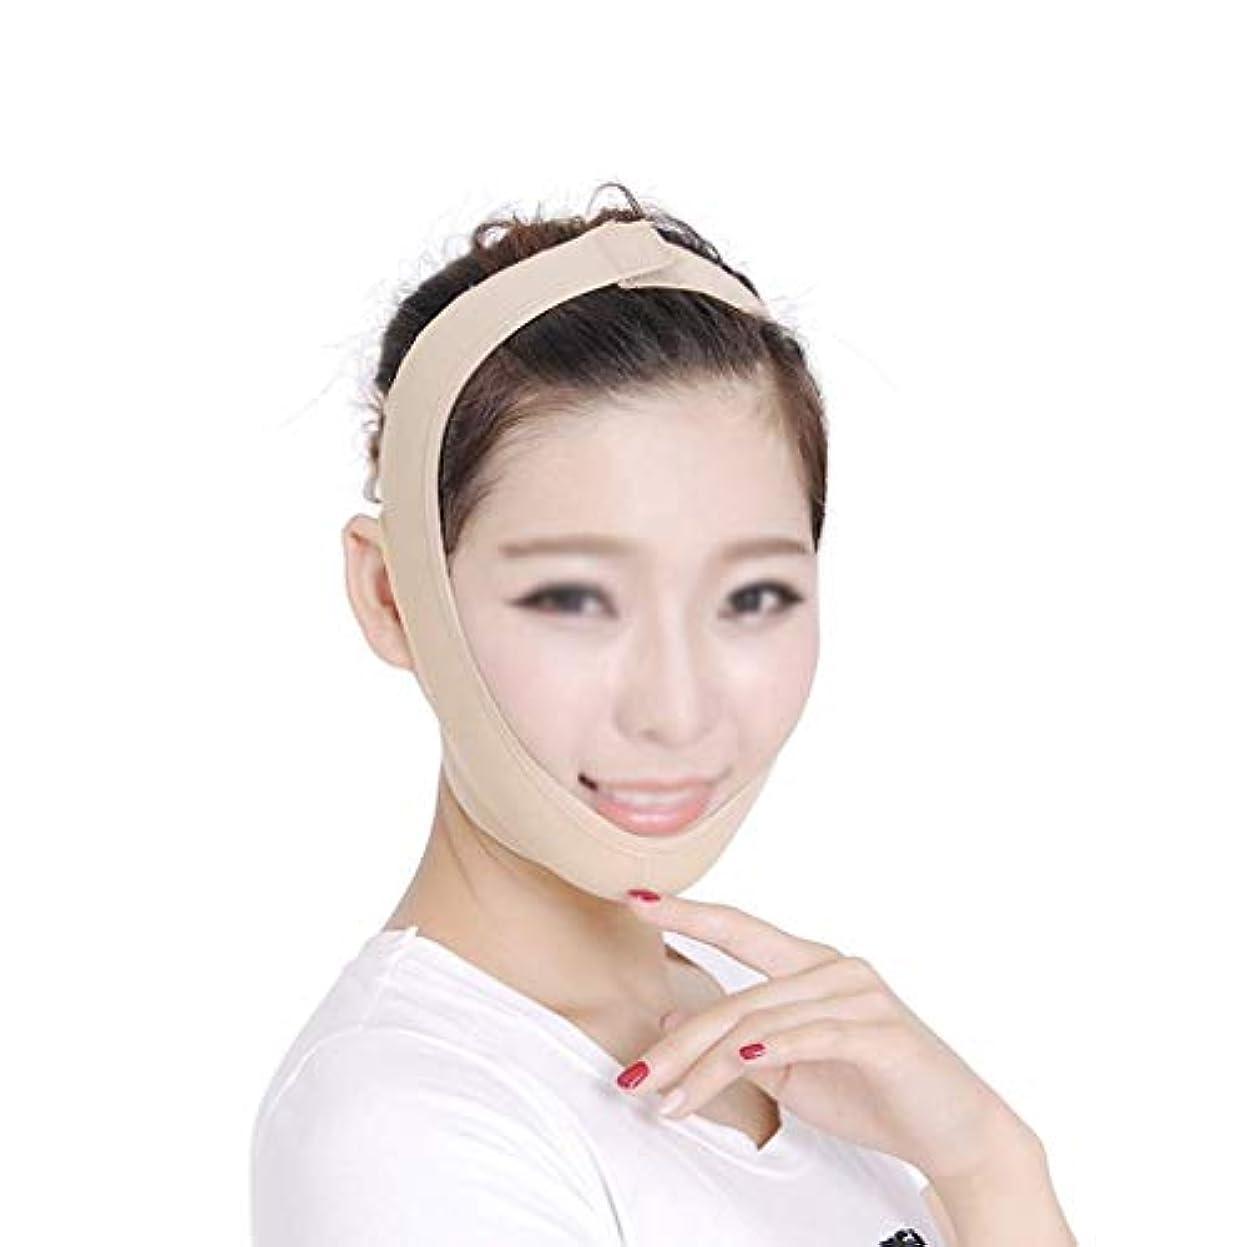 フェイシャル減量マスクリフティングフェイス、フェイスマスク、減量包帯を除去するためのダブルチン、フェイシャルリフティング包帯、ダブルチンを減らすためのリフティングベルト(カラー:ブラック、サイズ:M),イエローピンク、XXL